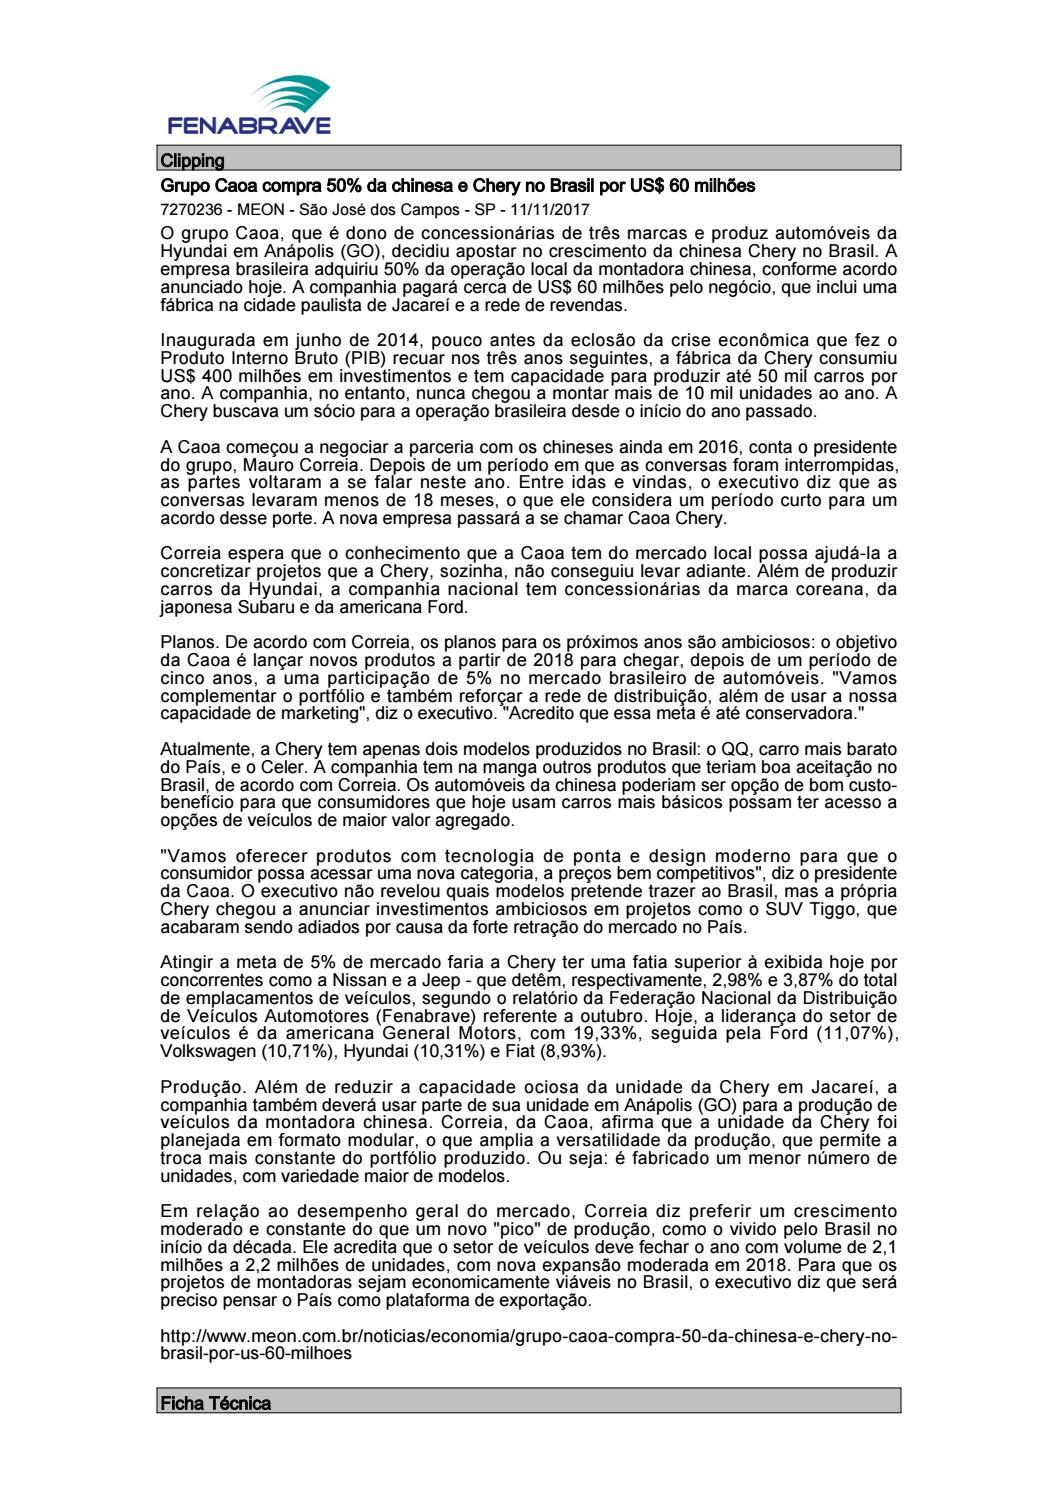 Clipping Fenabrave 13.11.2017 by MCE Comunicação - issuu 3f63747e27f